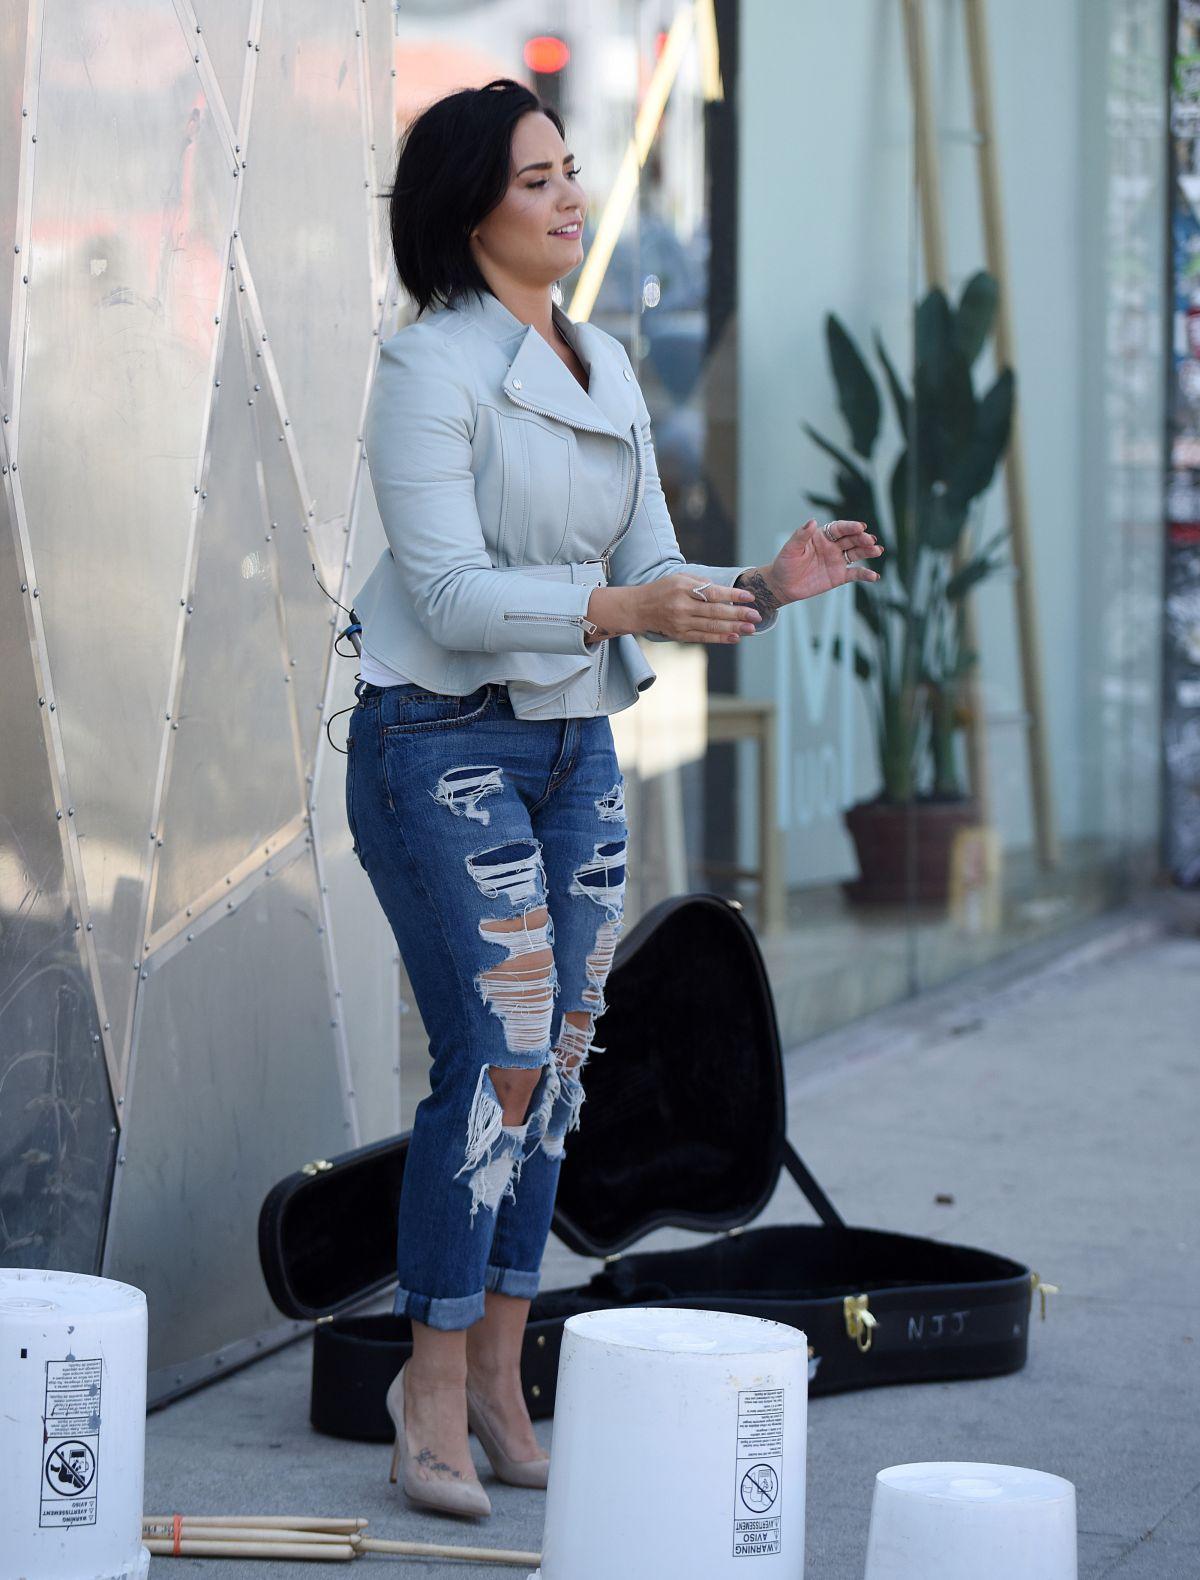 Demi Lovato Films Carpool Karaoke Nick Jonas James Corden Los Angeles